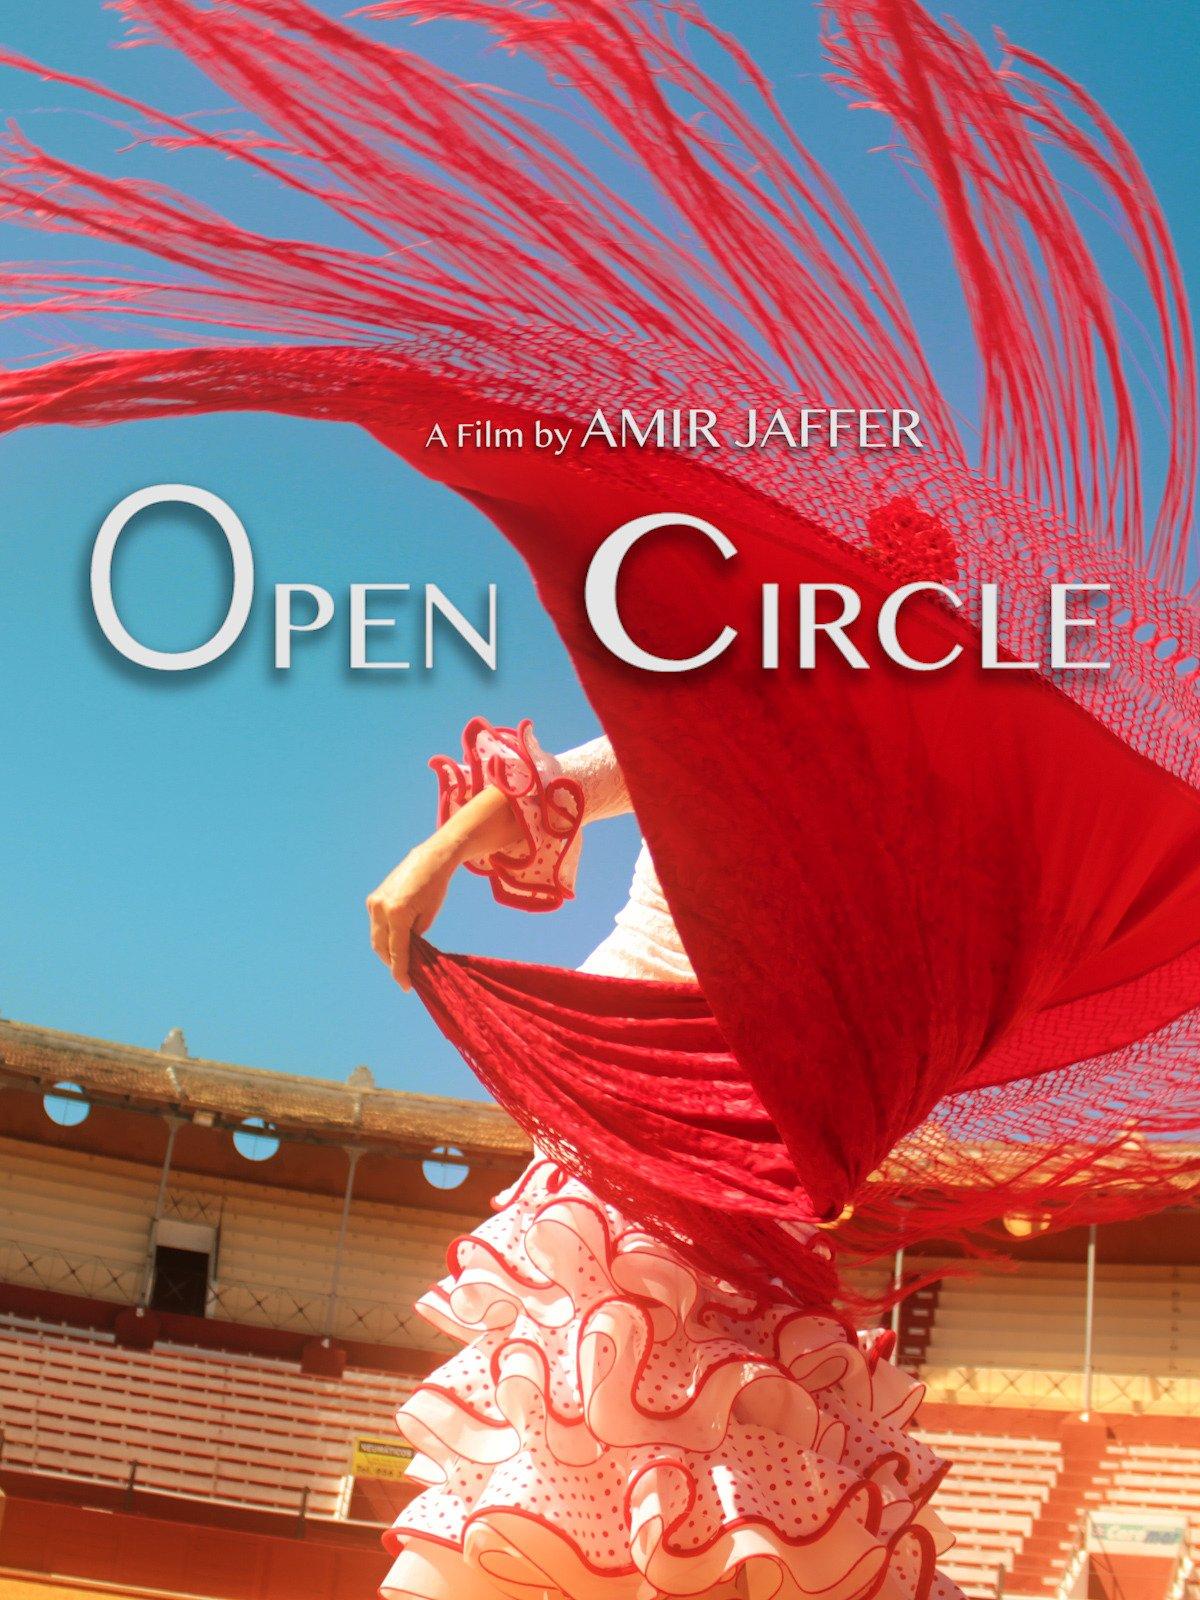 Clip: Open Circle